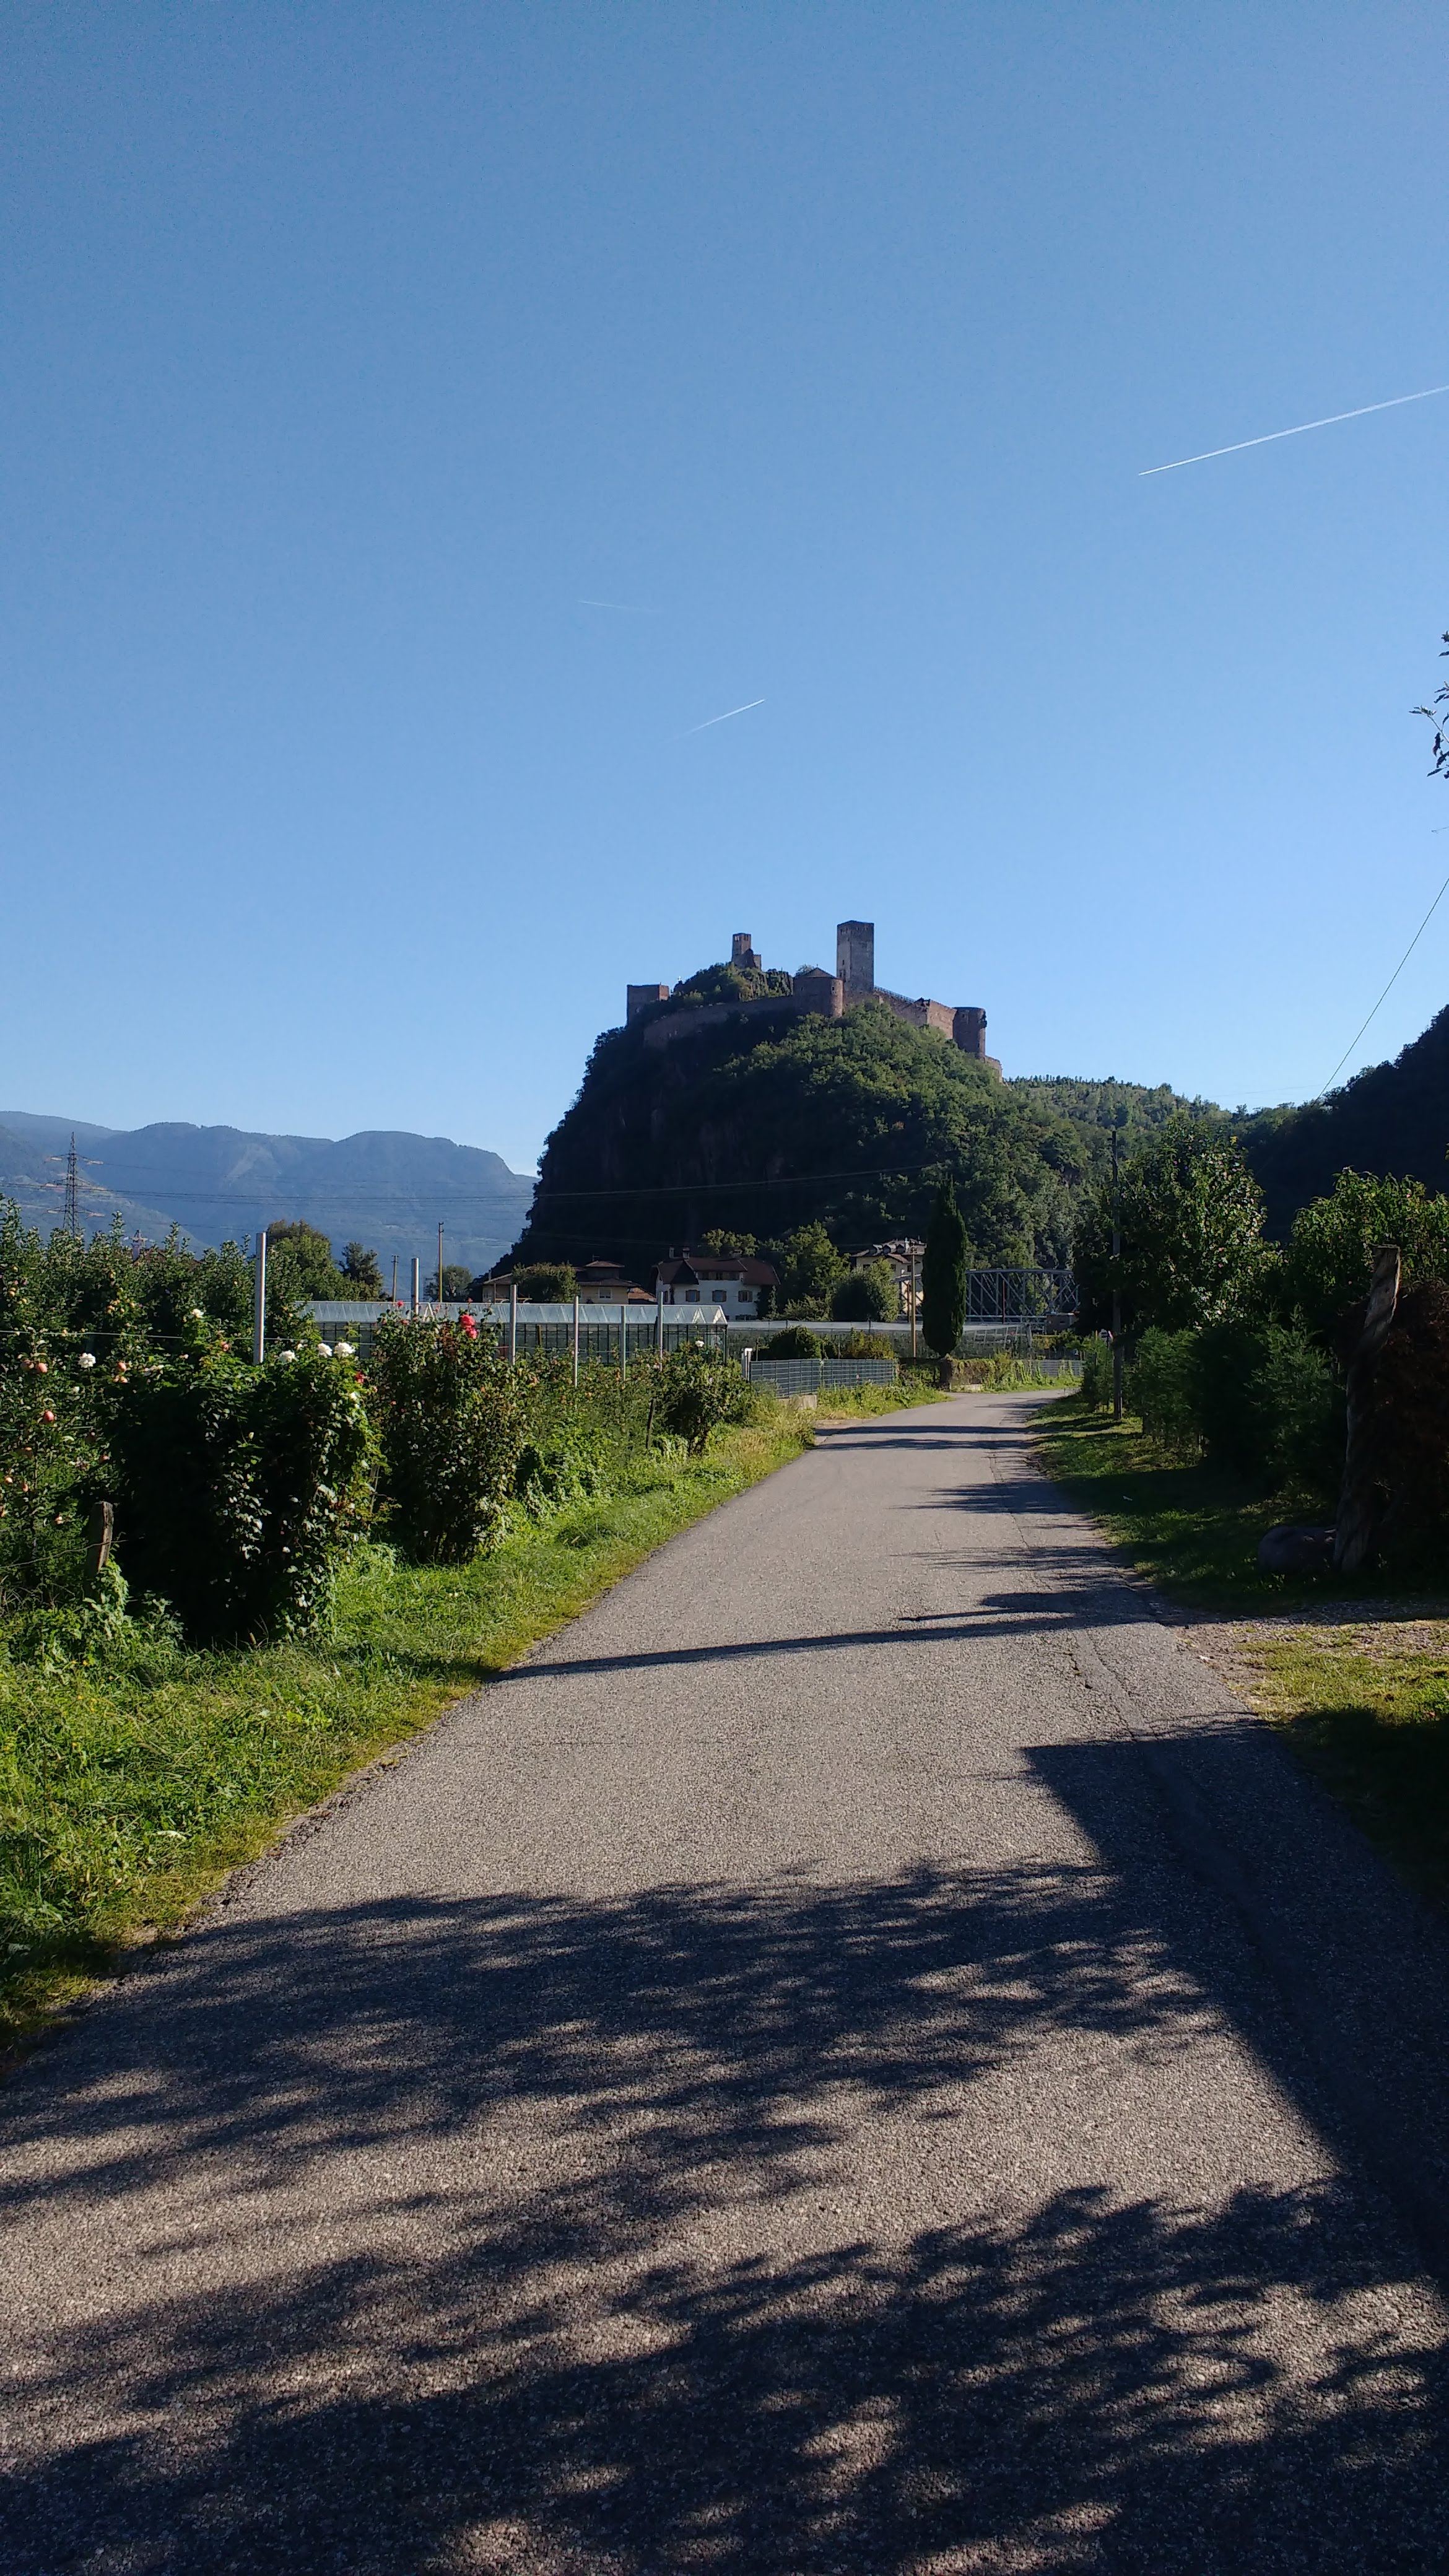 Eine Burg auf einem Berg